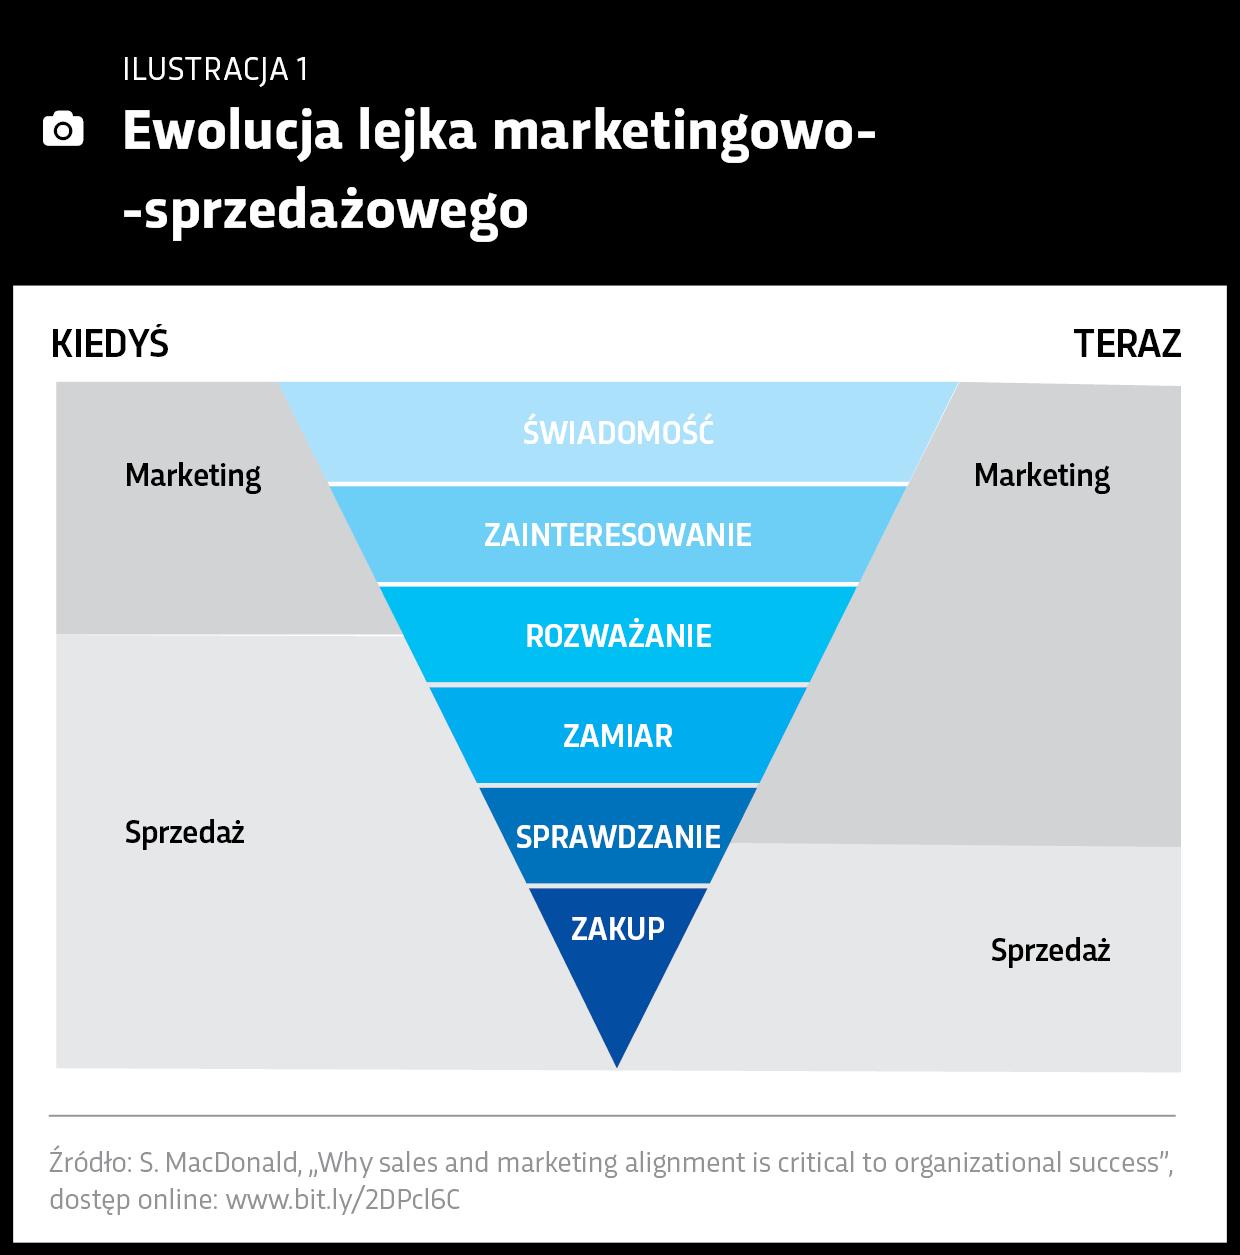 Ewolucja lejka marketingowo-sprzedażowego